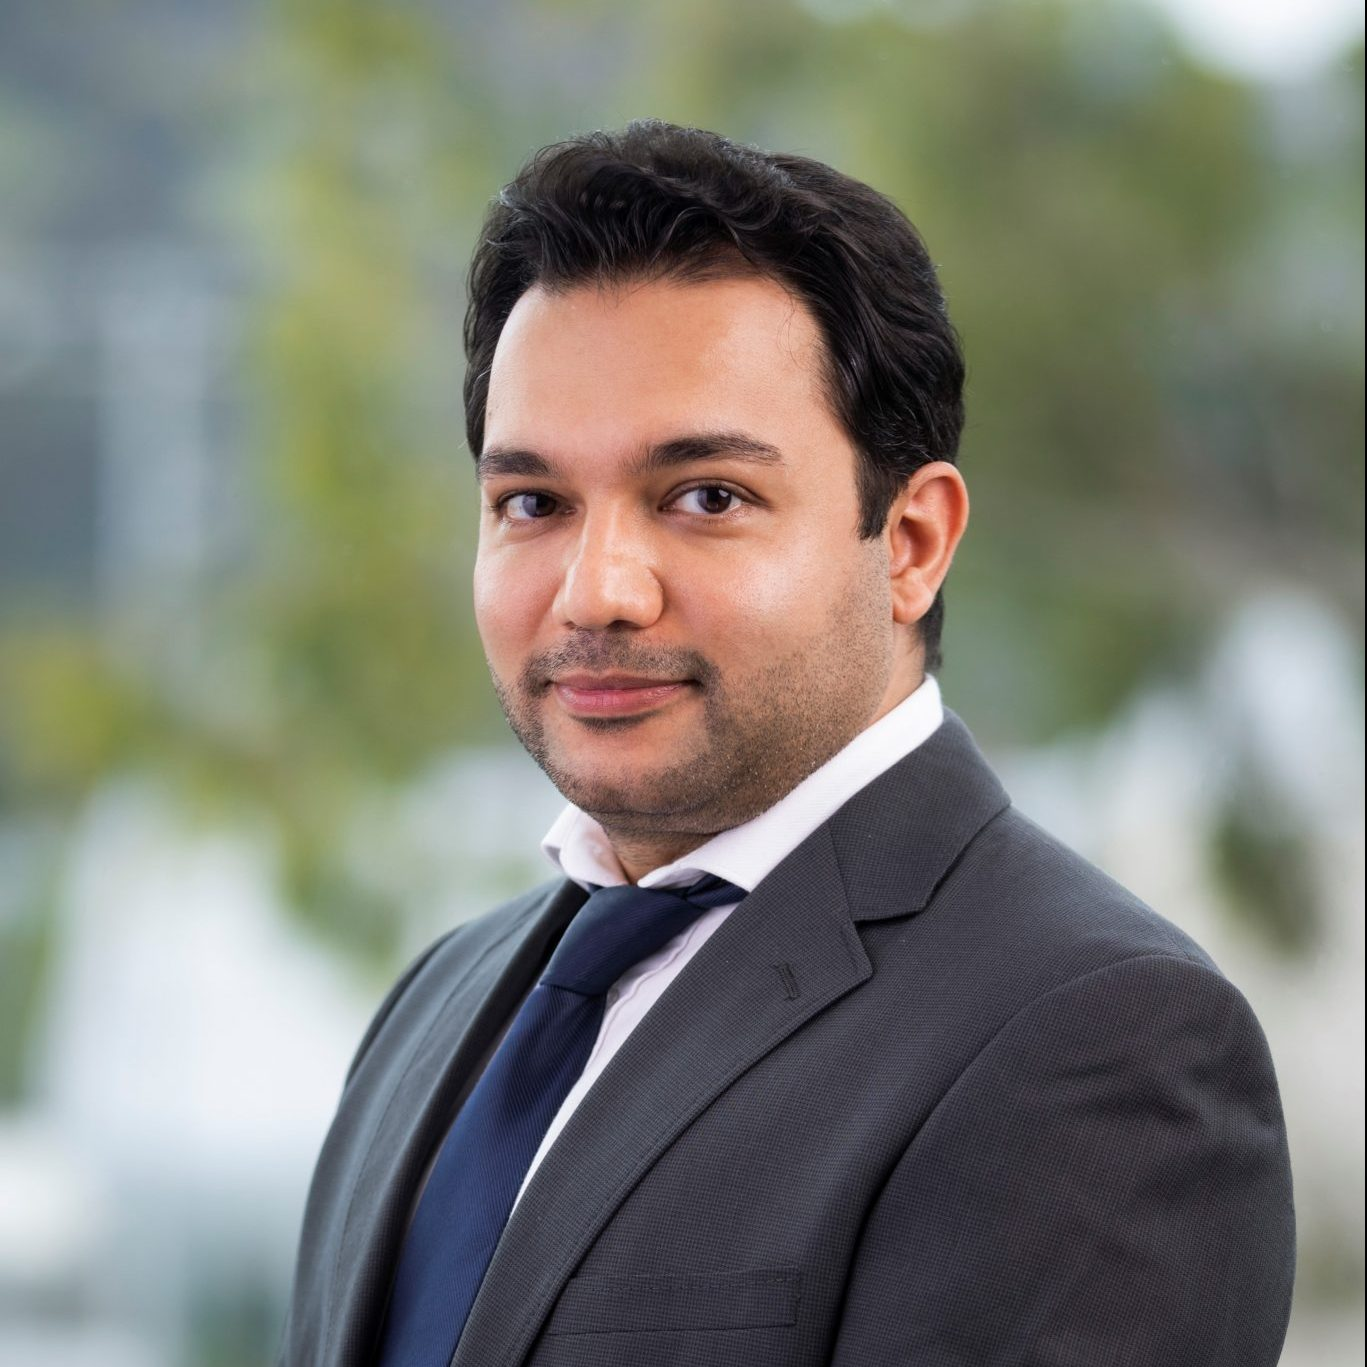 Dr. Amin Malek - Headshot